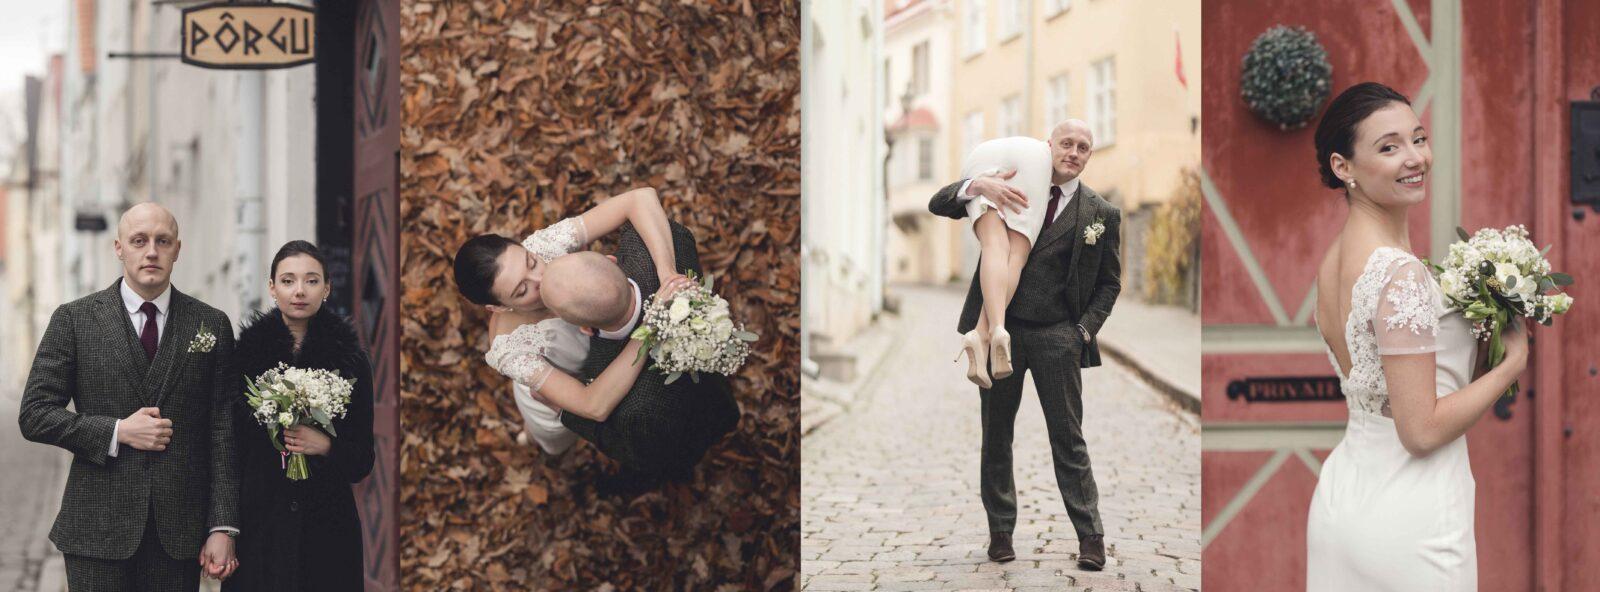 Kaunid pildid pruutpaarist pulmapäeval